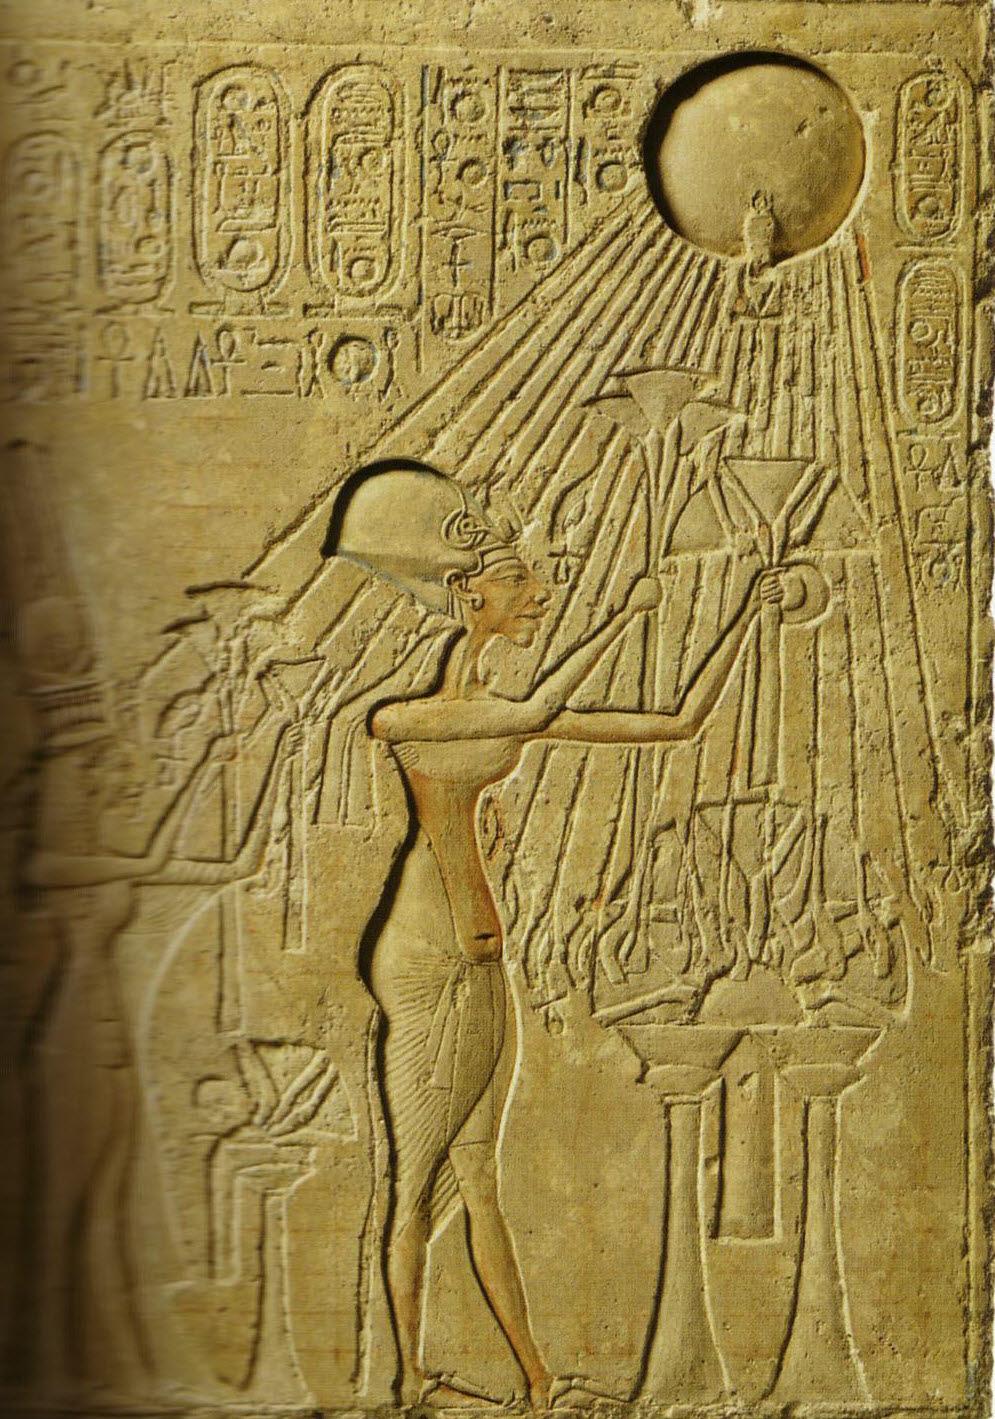 8. Farao Achnaton